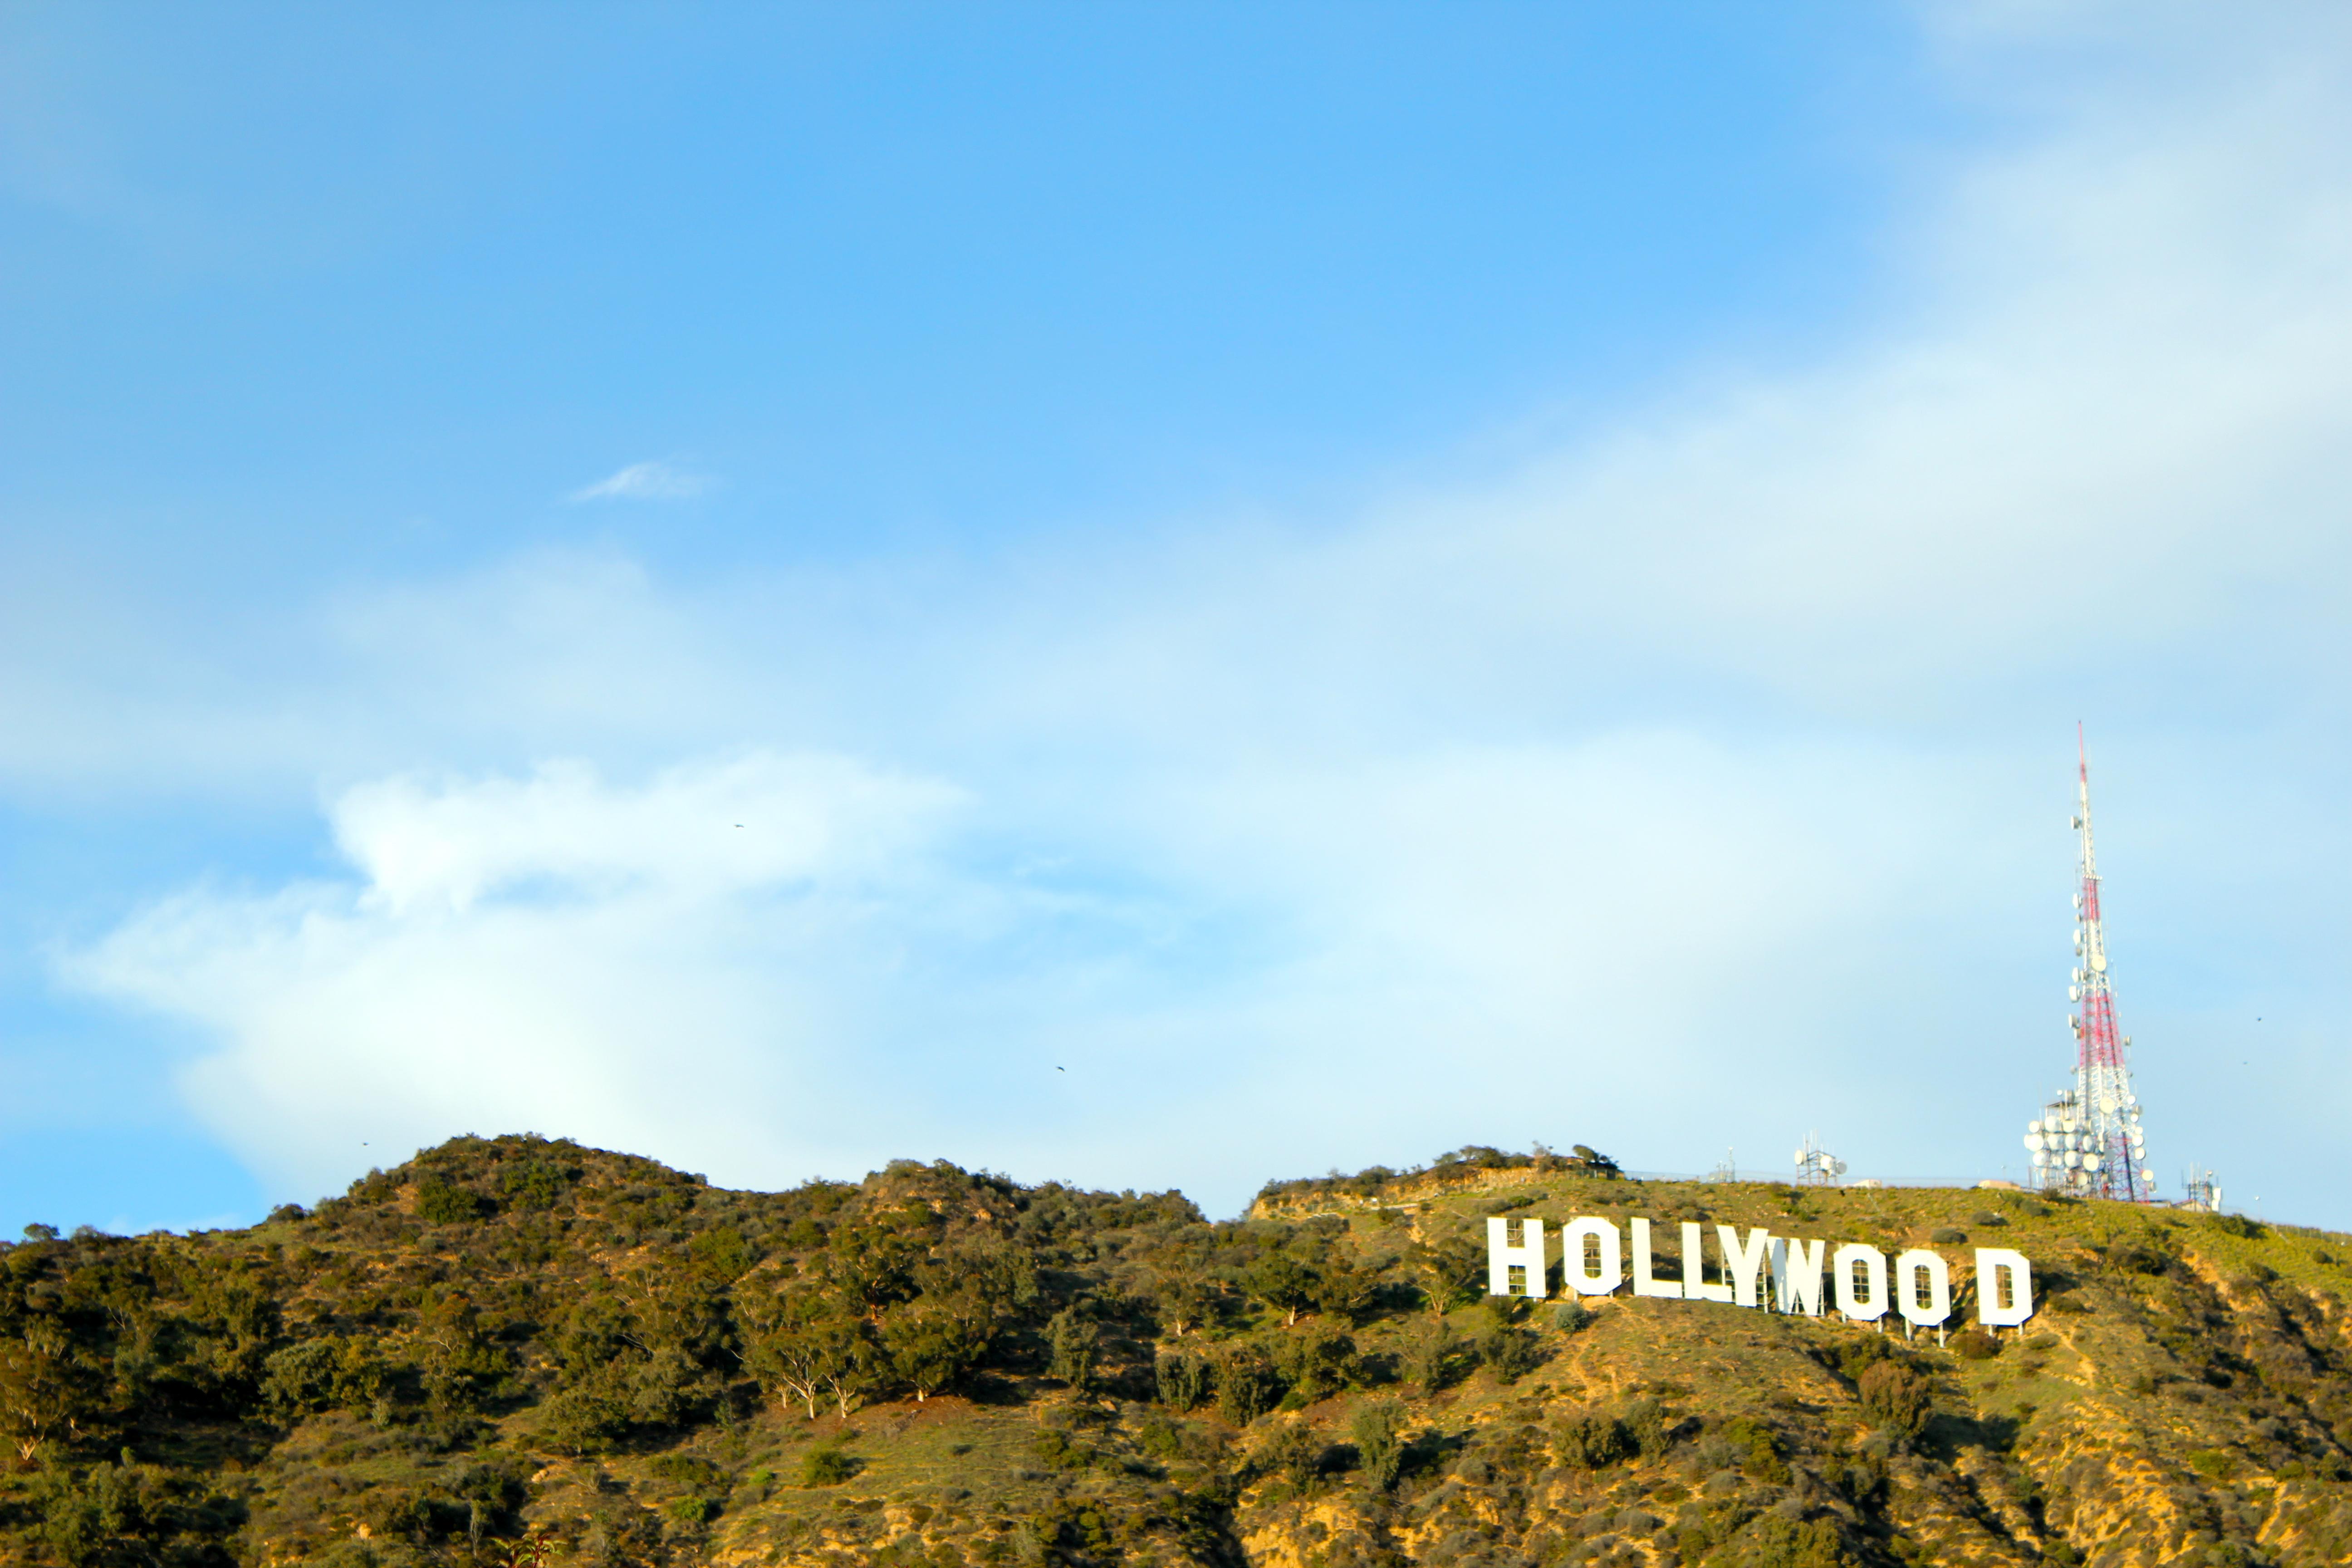 Hollywood Sign Wallpapers - WallpaperSafari  Hollywood Sign ...